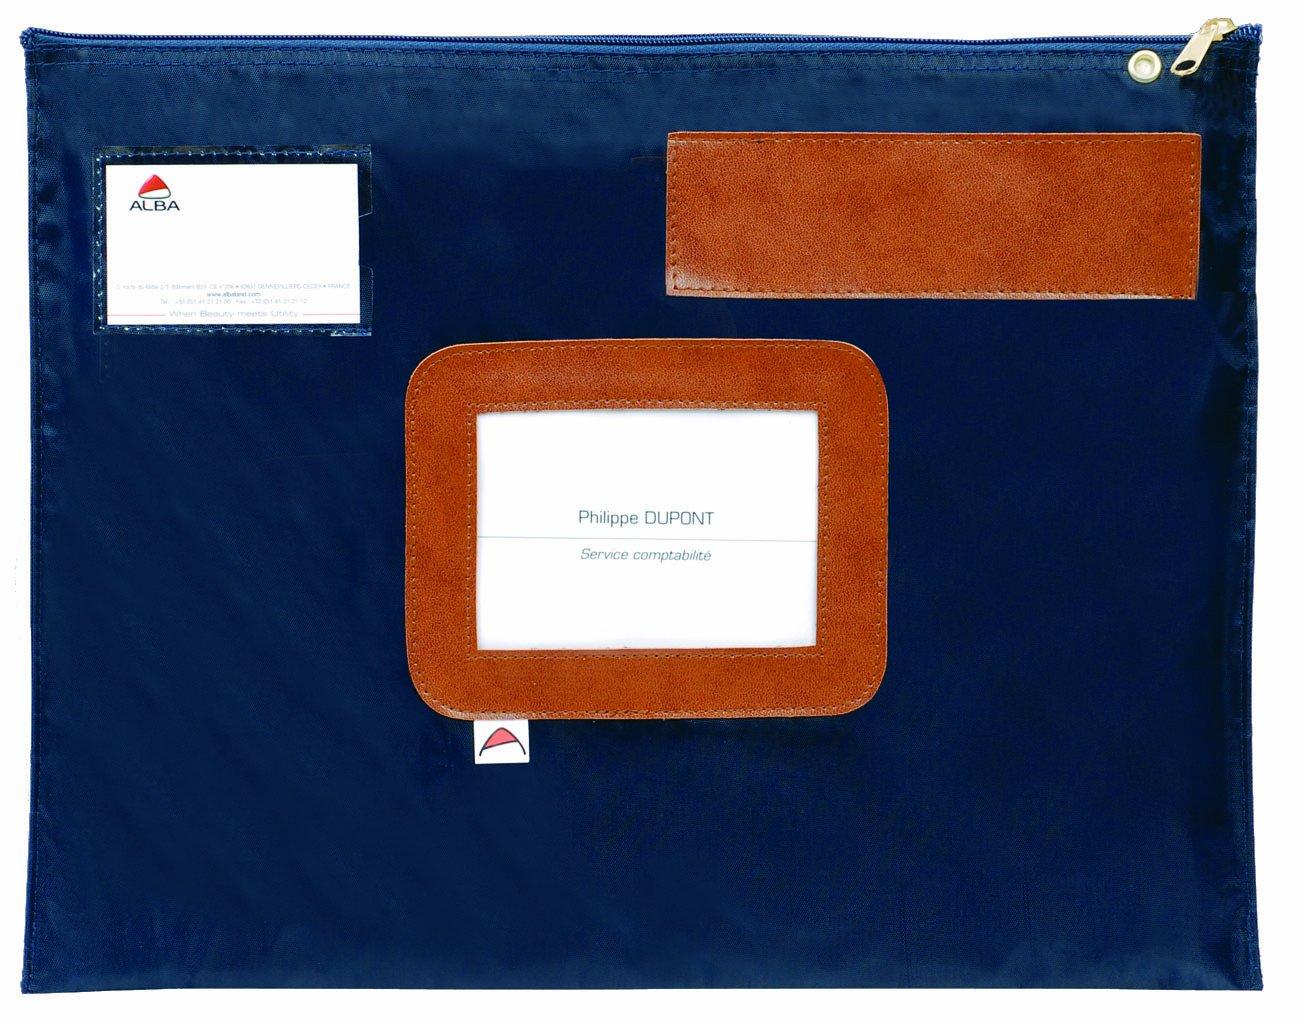 Alba Pocais - Sobre reutilizable de nailon impermeable (27 x 4 x 18,5 cm), color azul 016514